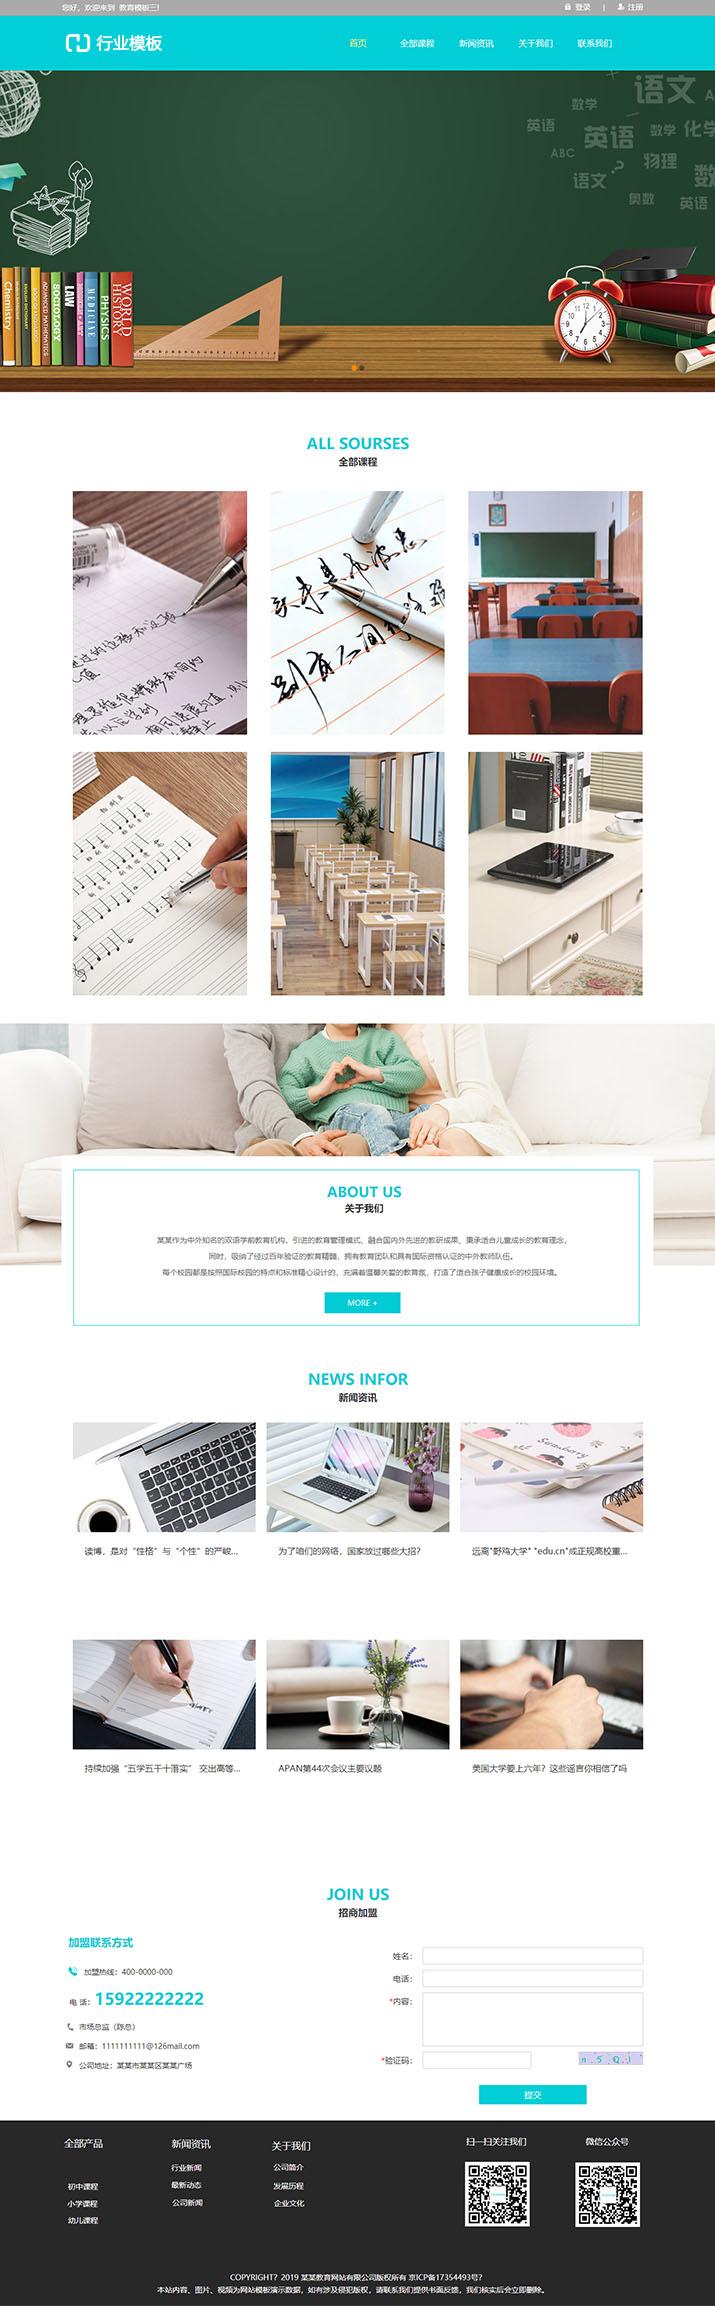 专业教育培训网站模板